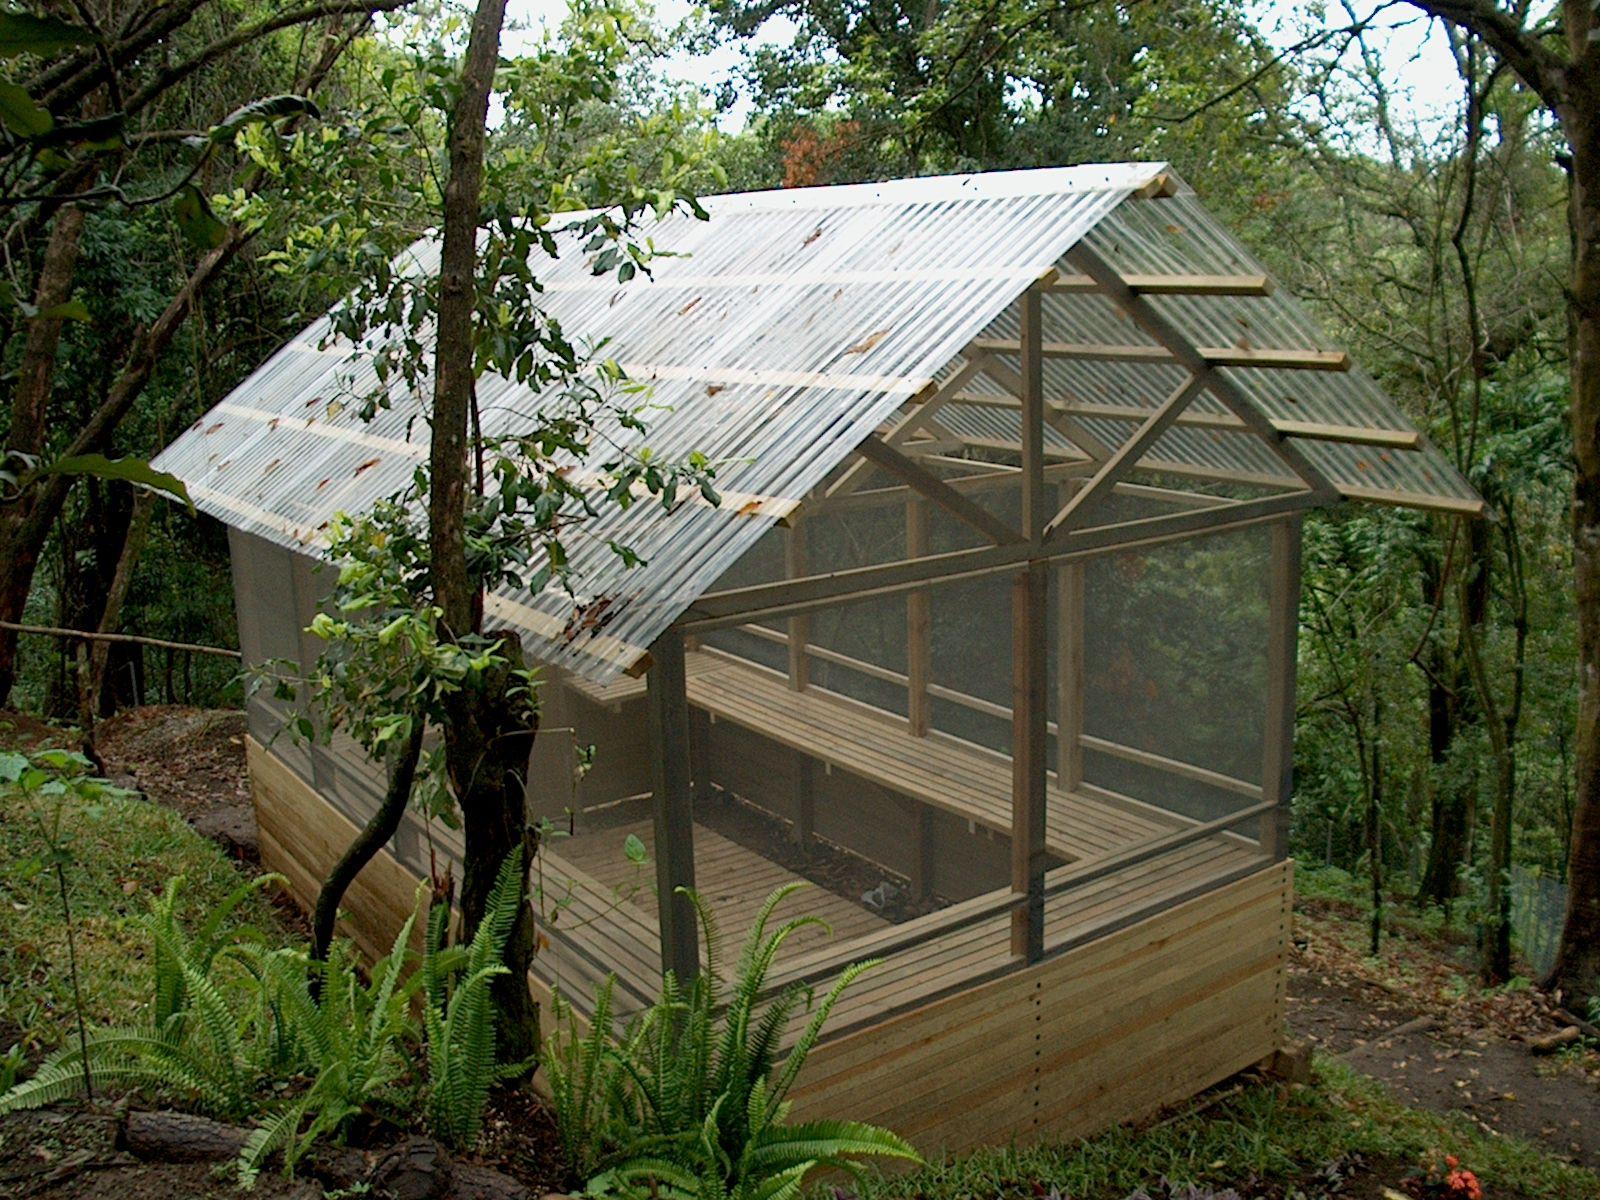 Invernadero de madera fabricado con madera impregnada - Invernadero en terraza ...